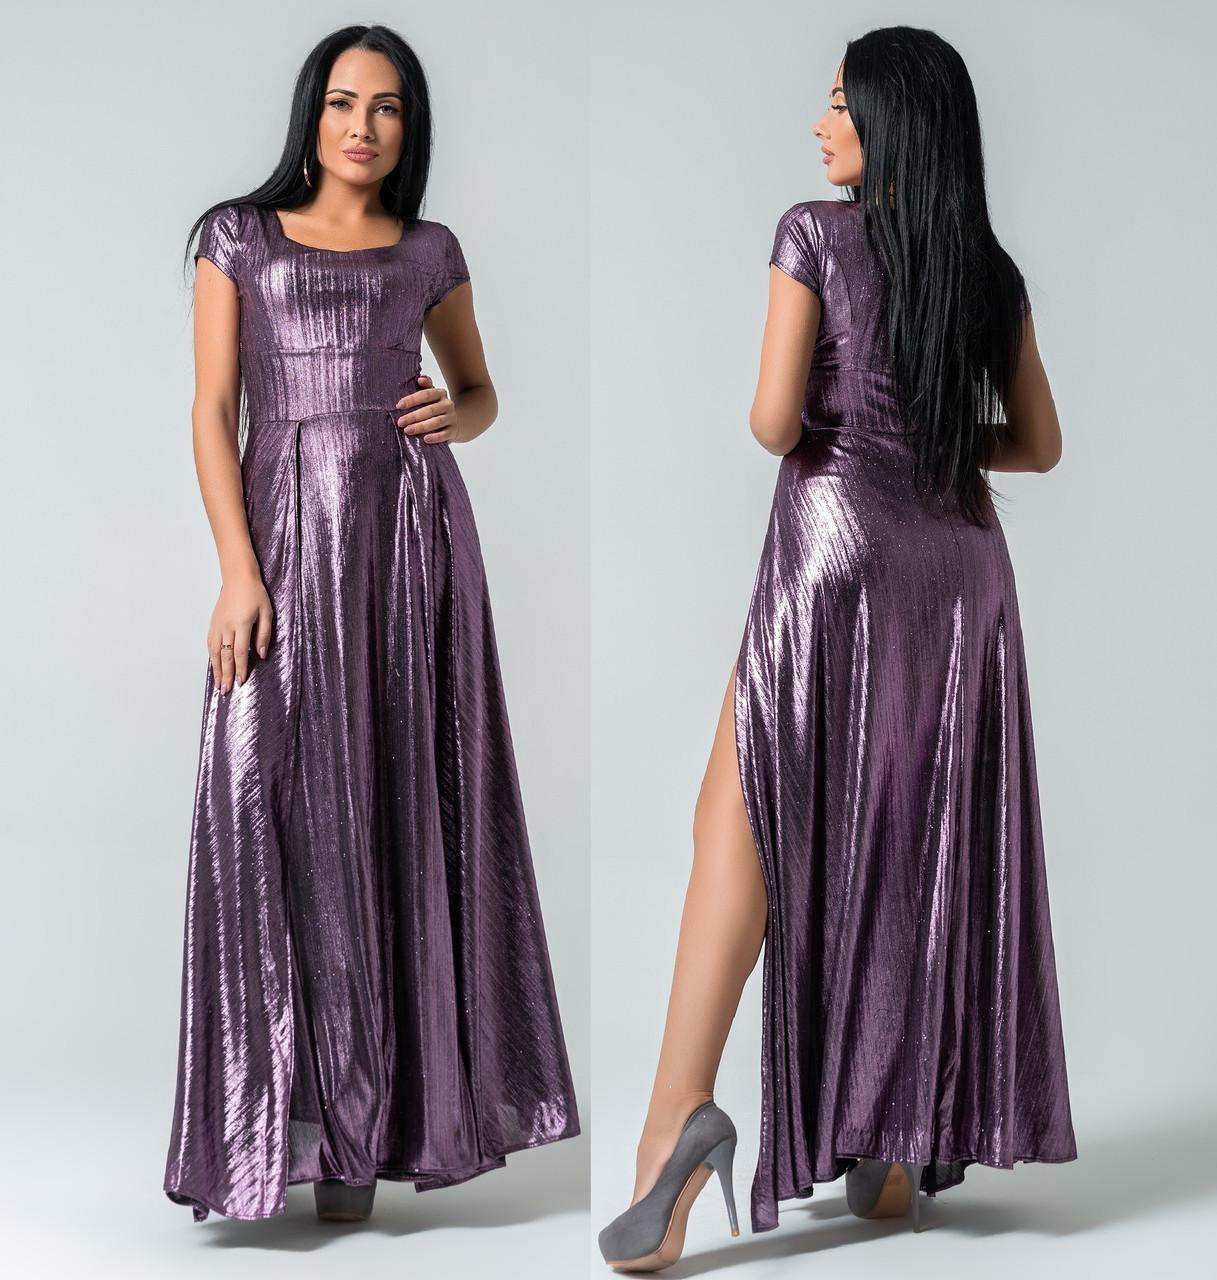 b89eee7605e7f Блестящее длинное платье с разрезами. Сиреневое, 5 цветов. Р-ры: 44 ...